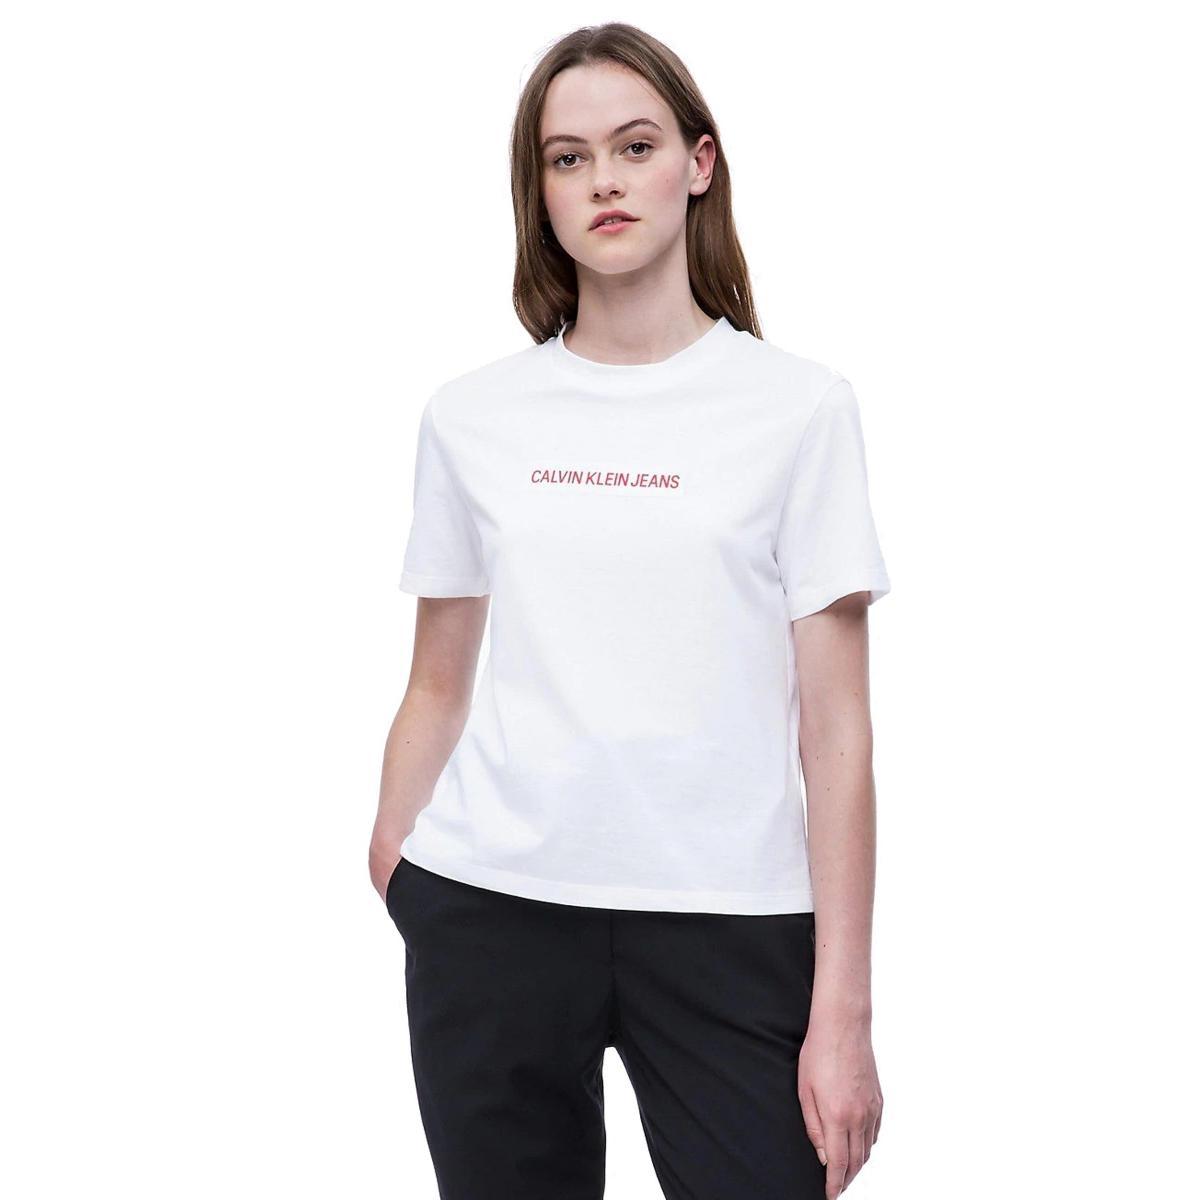 T-shirt corta Calvin Klein Jeans da donna rif. J20J209726